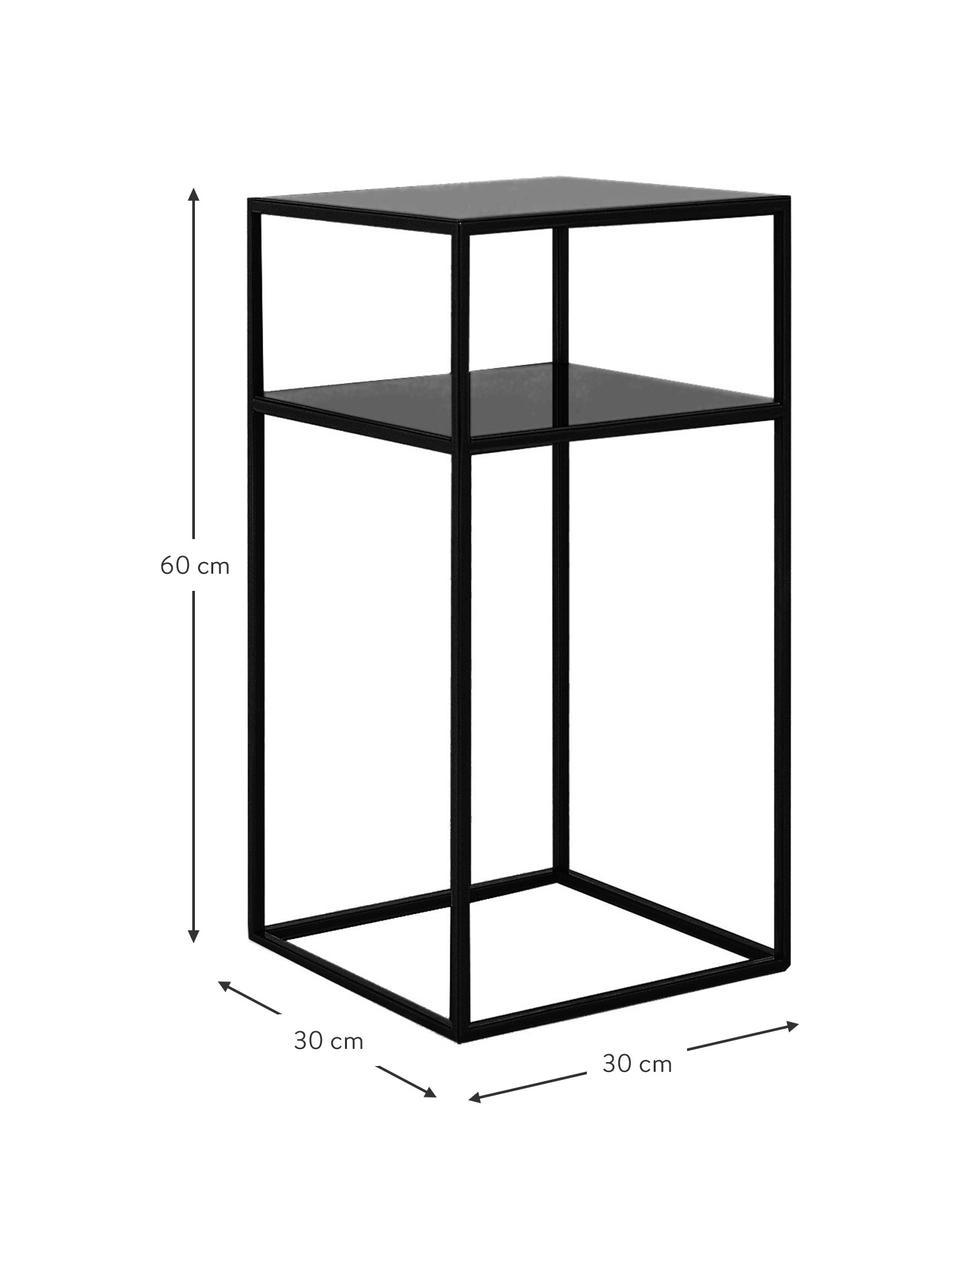 Tavolino  in metallo con piano d'appoggio Tensio, Metallo verniciato a polvere, Nero, Larg. 30 x Prof. 30 cm